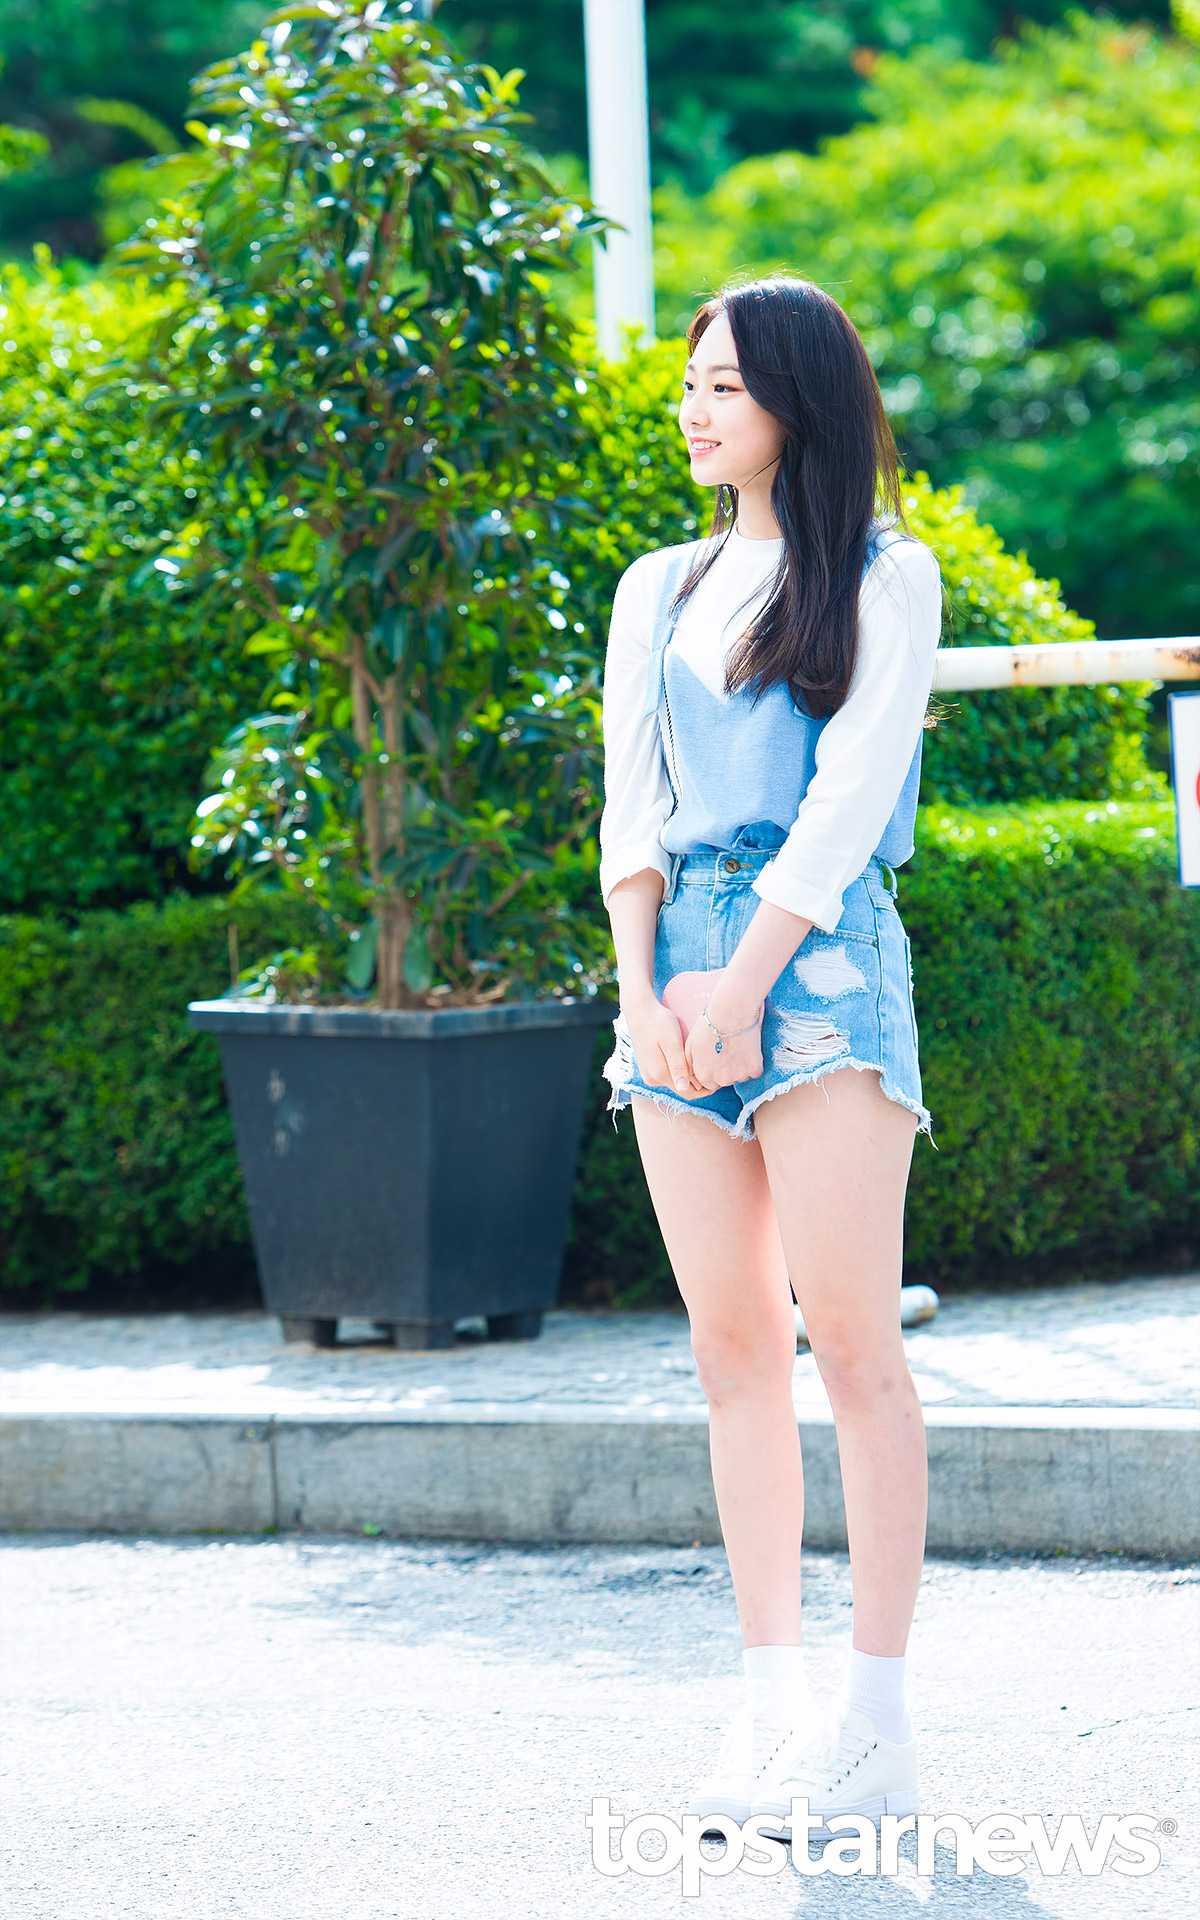 ►gugudan-美娜 美娜的穿搭非常適合現在的天氣,裡面選擇一件白色7分袖,配上一件藍色背心,以及修飾腿部的高腰短褲,最後在配上一雙球鞋+小腿襪,是台灣女生也能夠輕易模仿的造型呢!